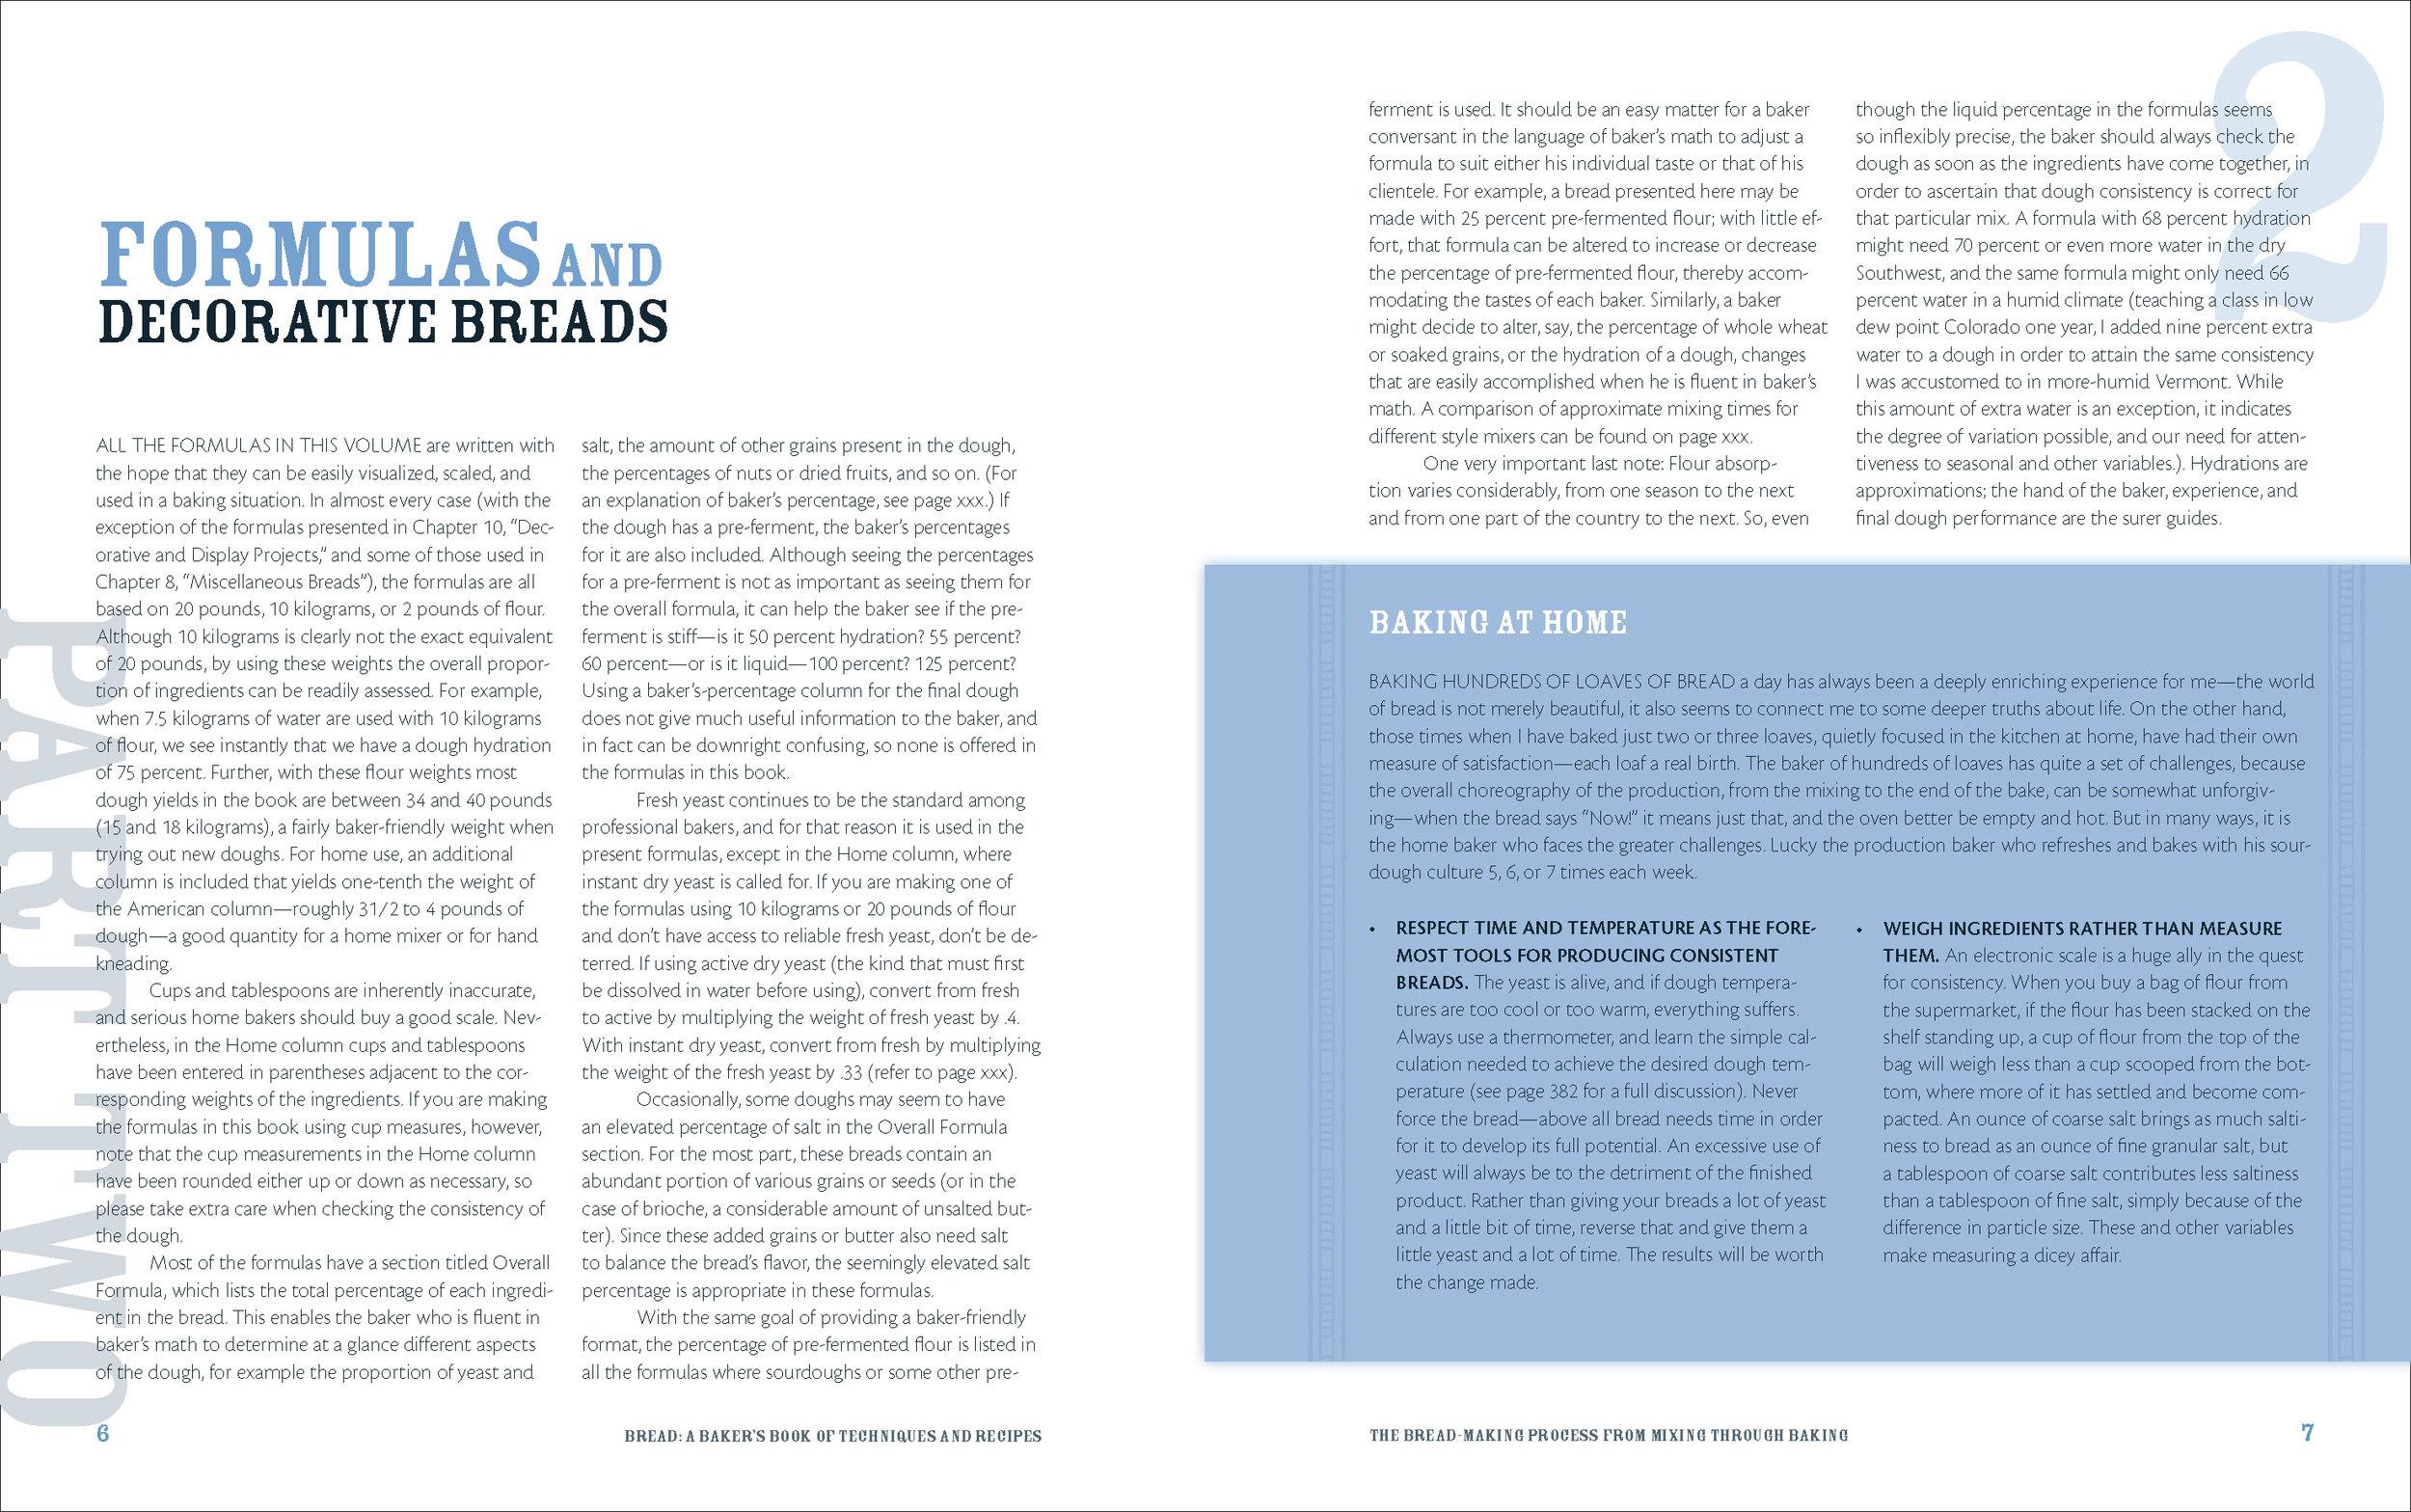 BreadDesignFINALREV_Page_3.jpg